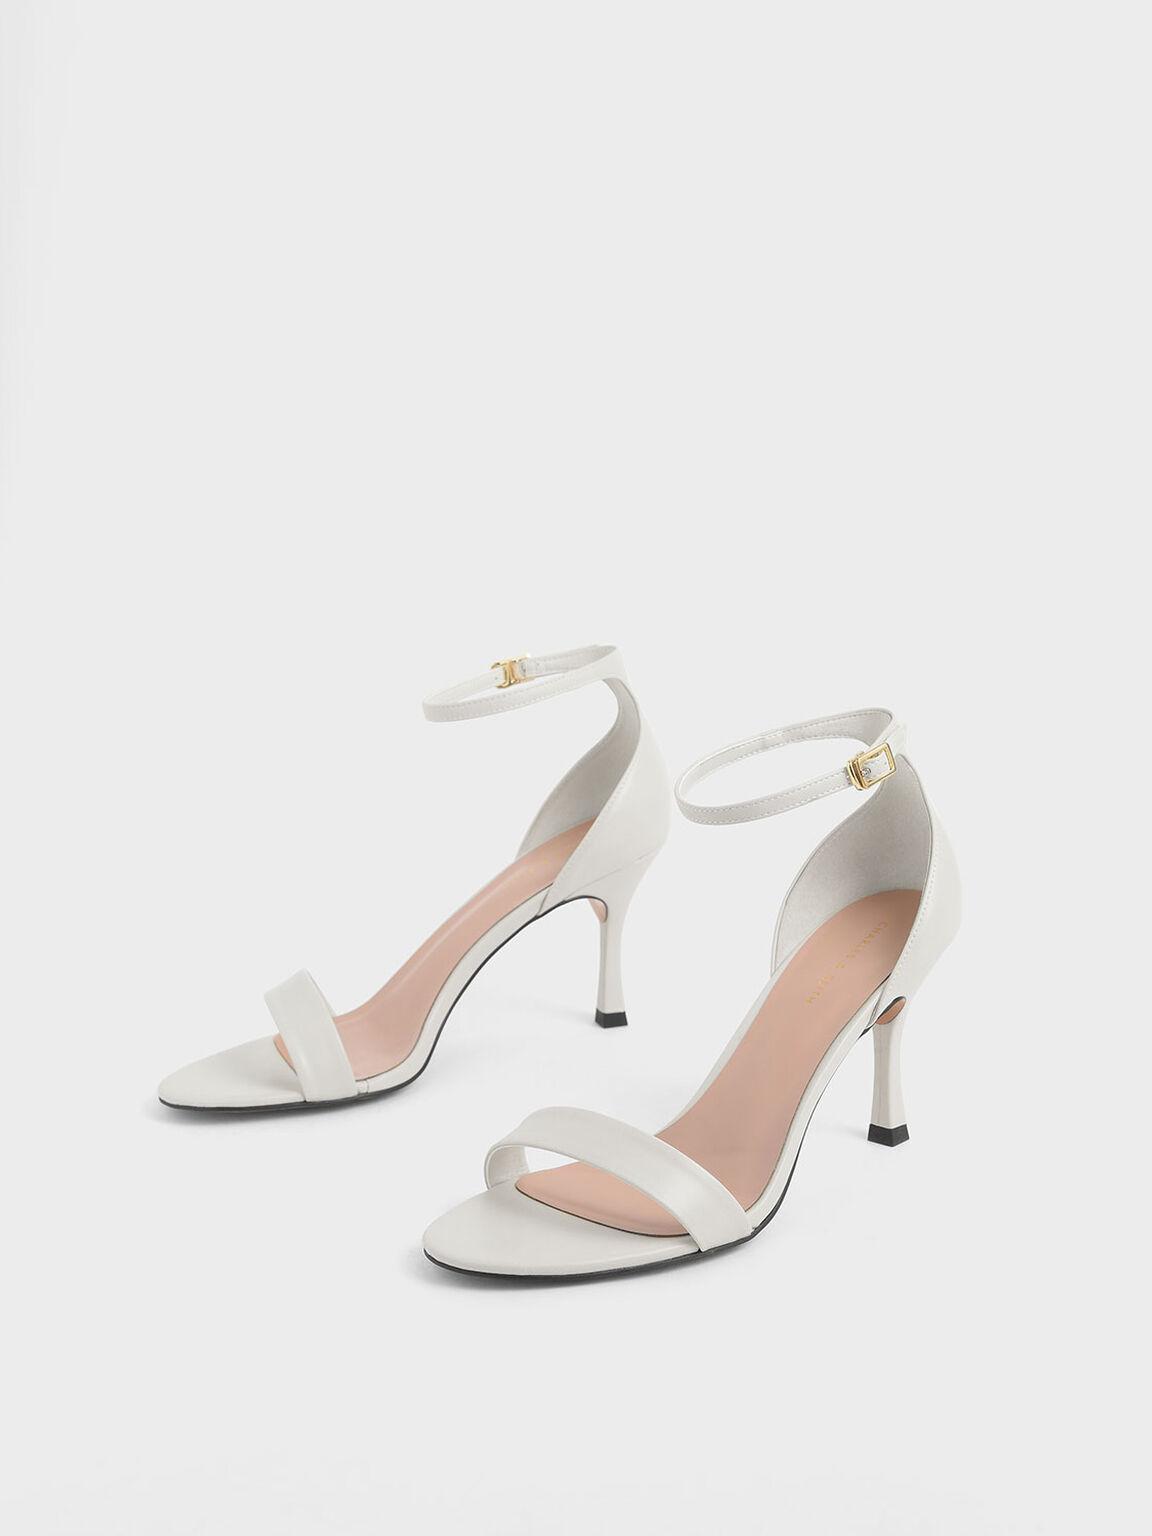 一字繞踝跟鞋, 石灰白, hi-res